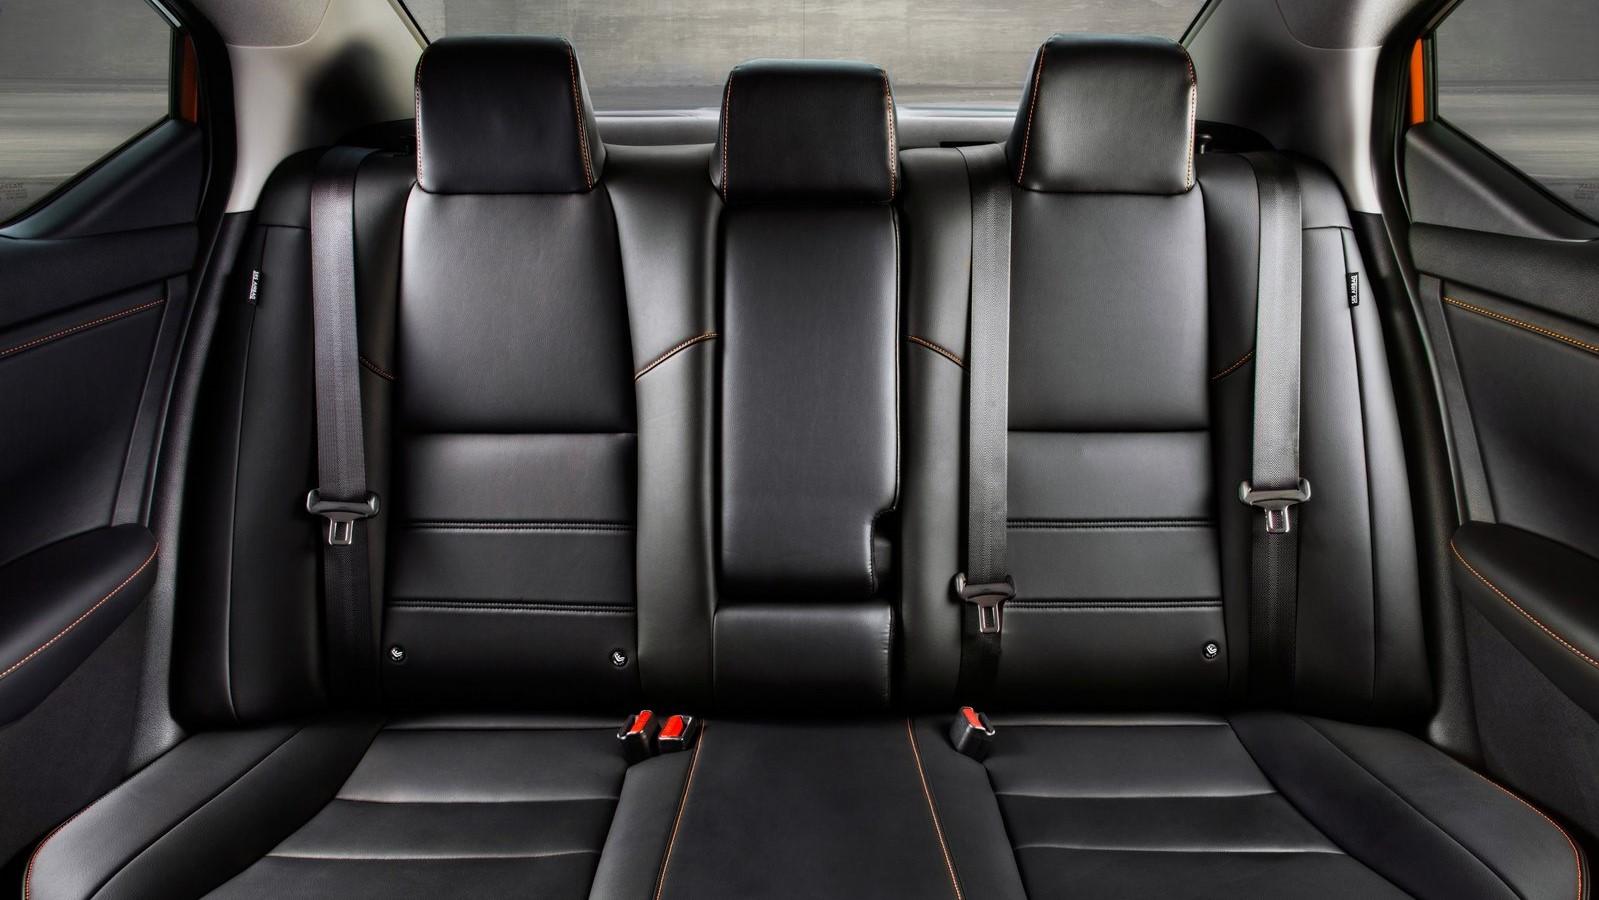 La cabina del Nissan Sentra 2020 mejora de forma notable en la calidad de la construcción y los materiales